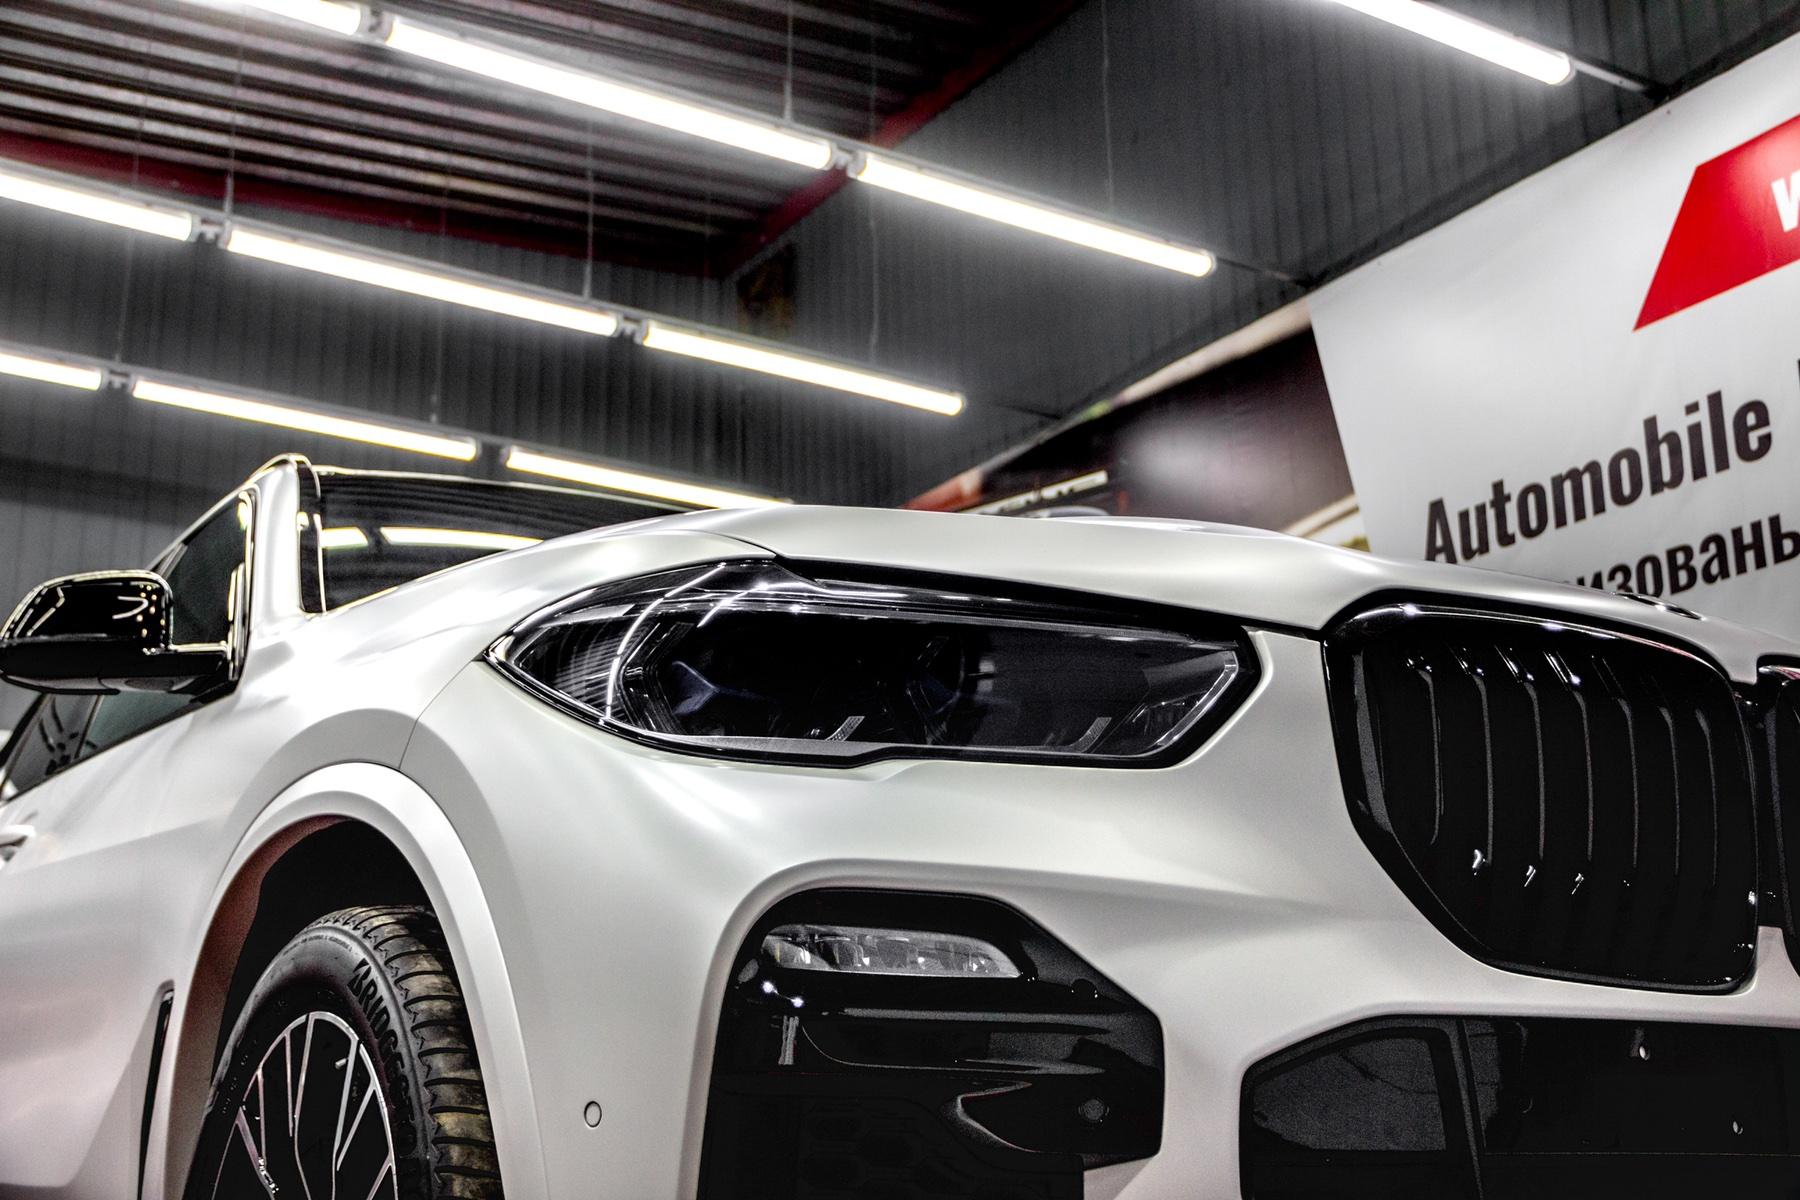 Детейлинг перламутрового BMW X5 в Тюмени - детейлинг-центр «АЛС»